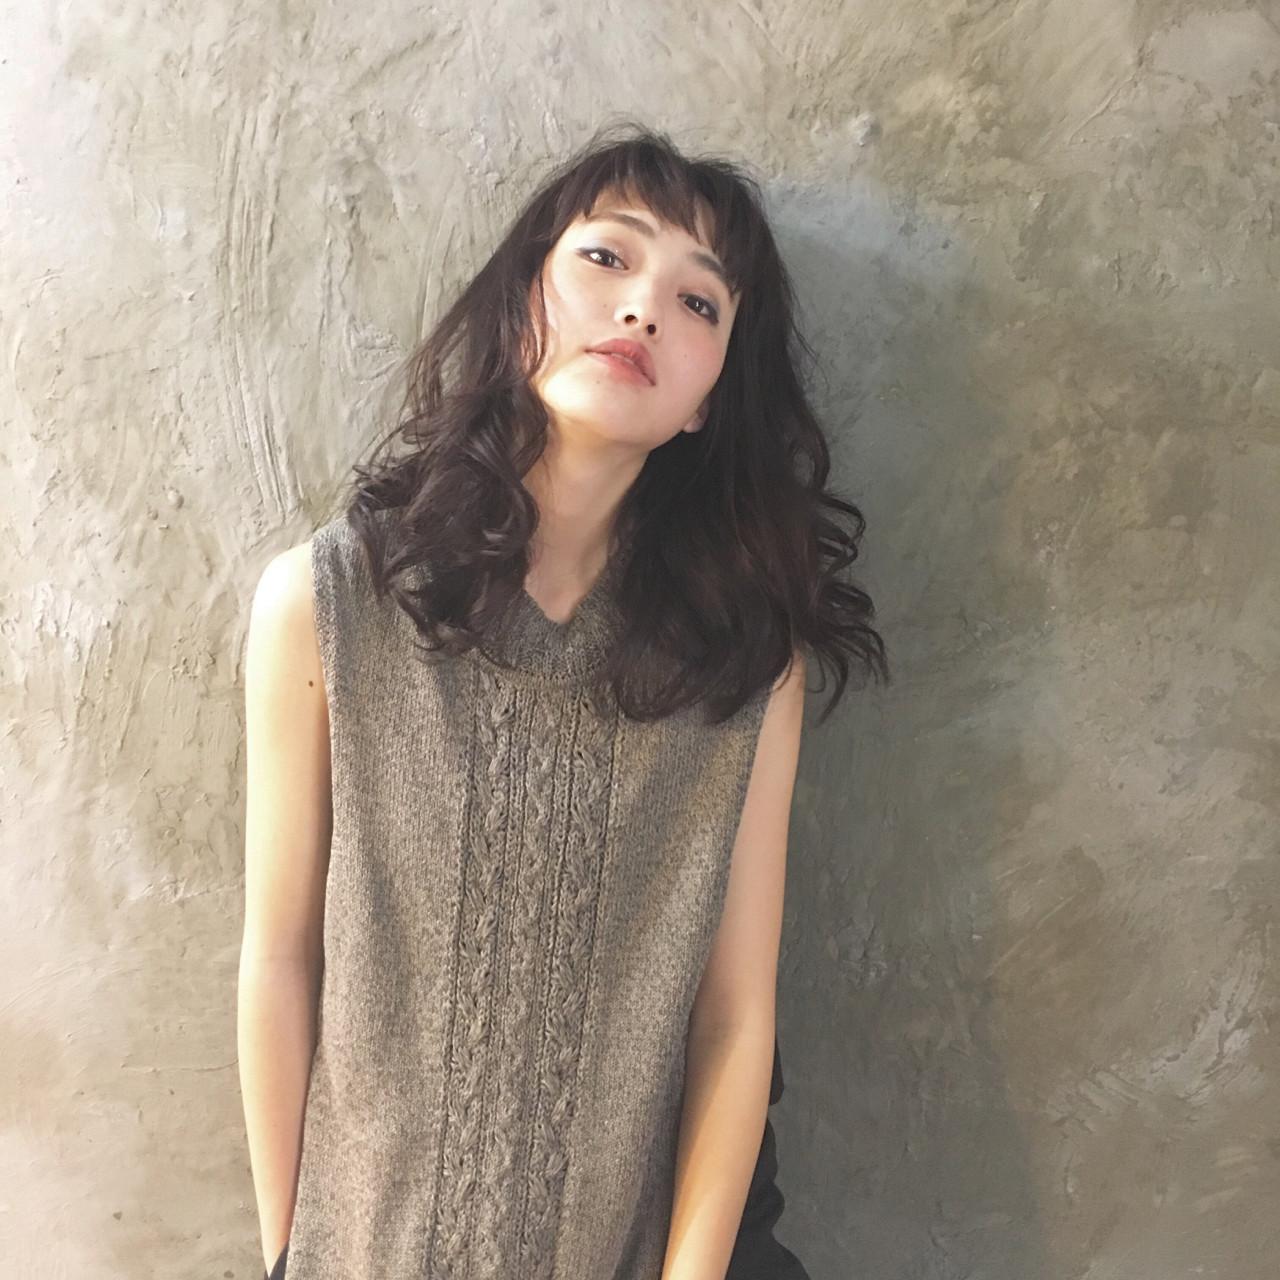 黒髪×パーマで作る媚びない夏の大人女子特集♡ 大谷江梨加